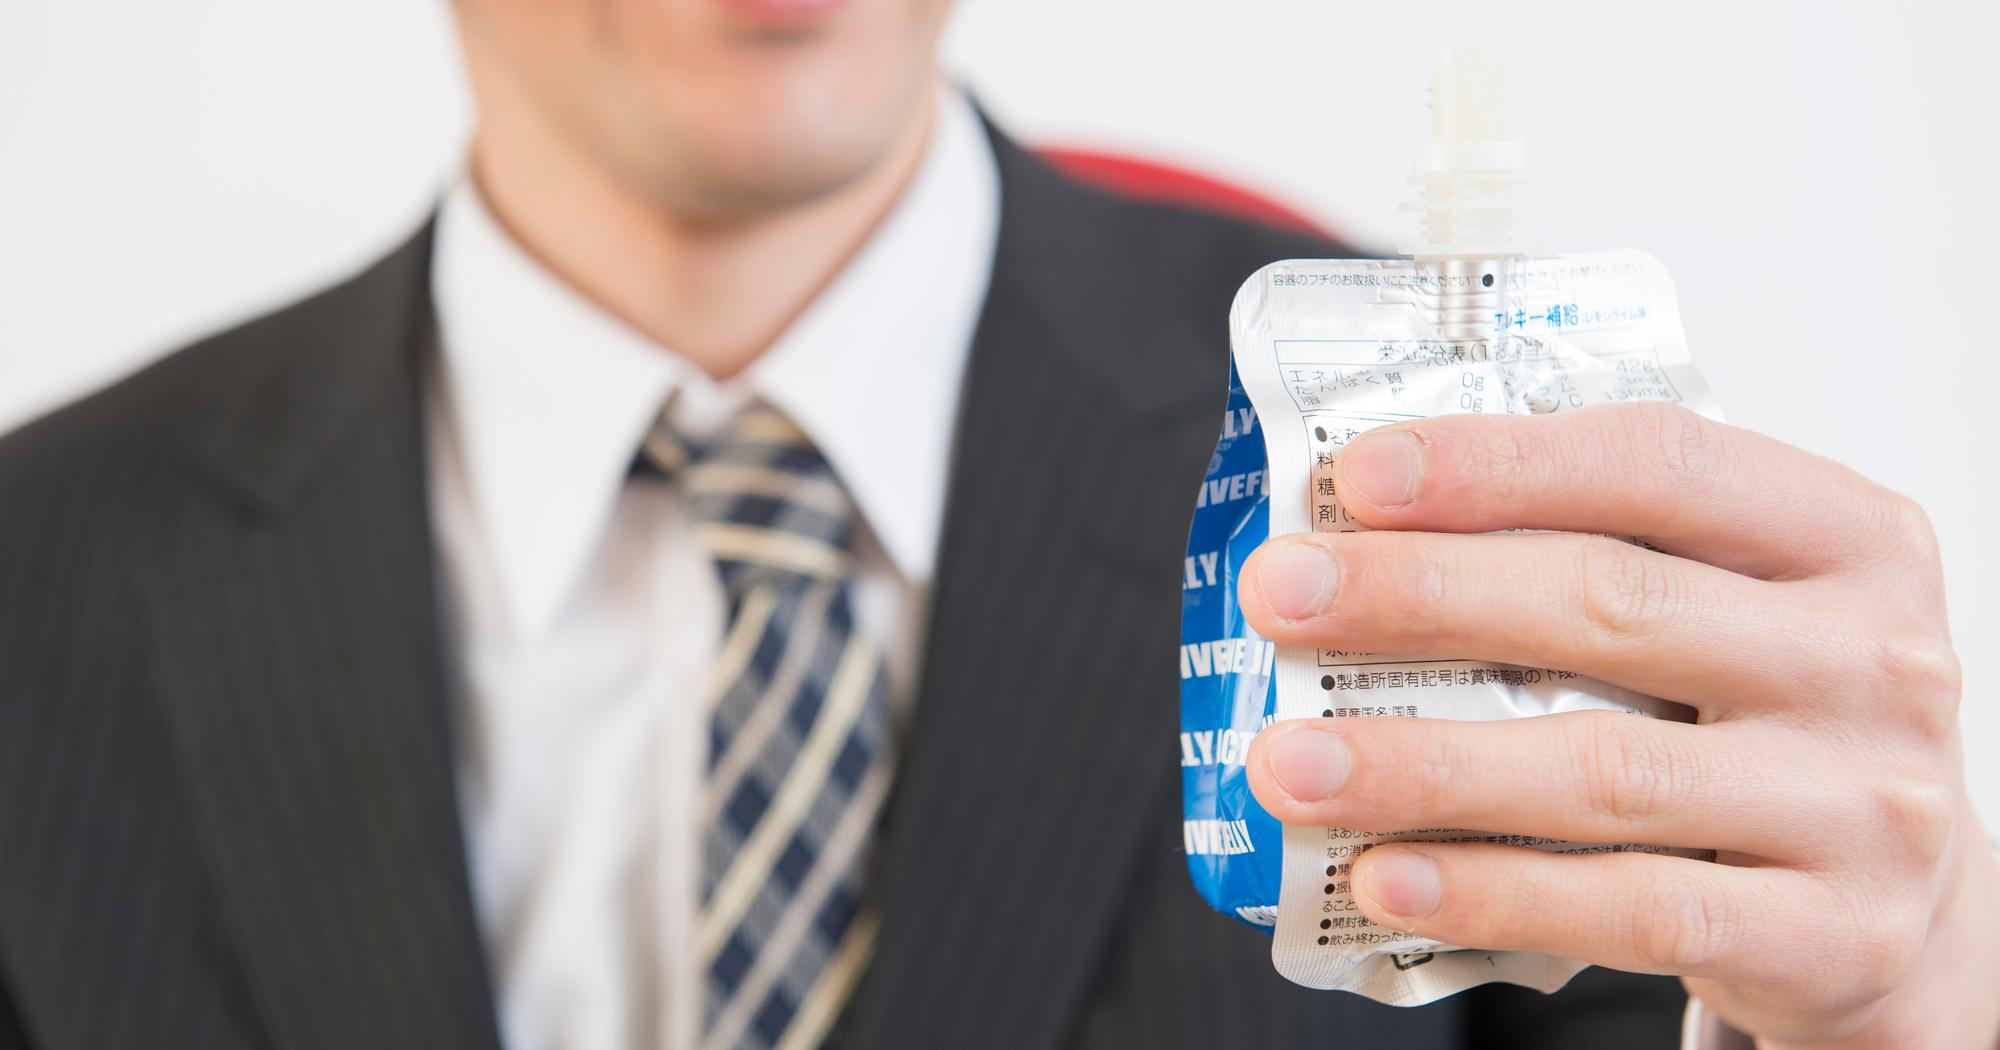 社員の隠れメンタル不調を「食事」を手がかりに見つける方法